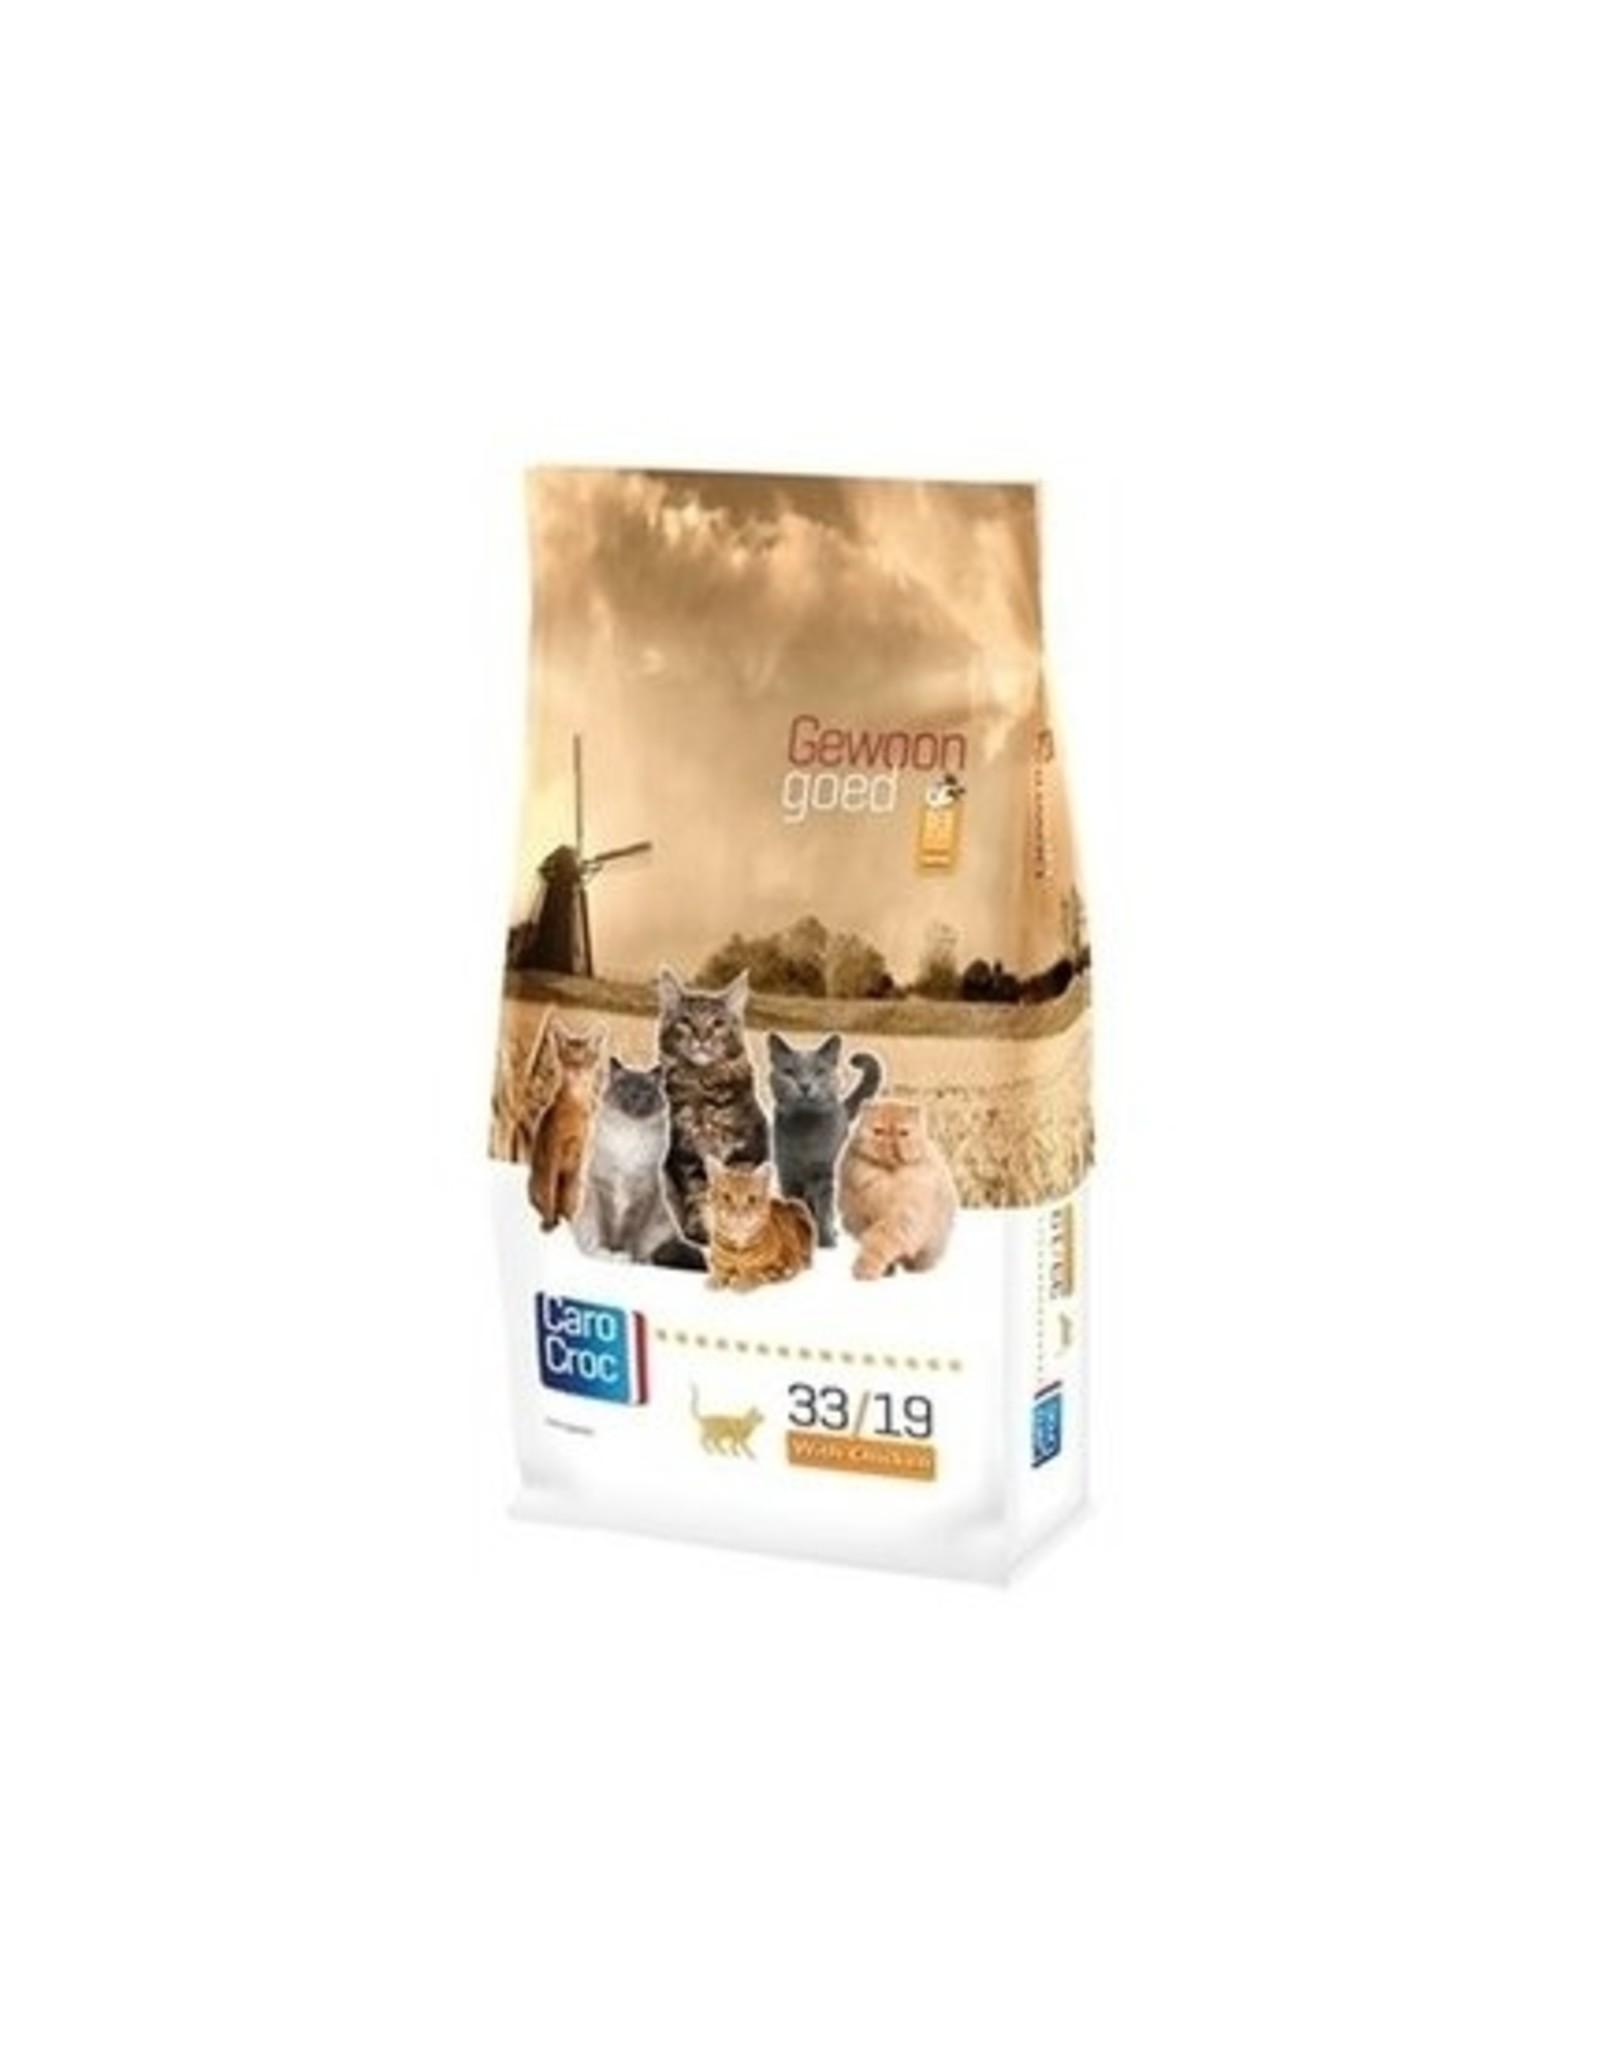 Sanimed Sanimed Carocroc Kat 33/19 Chk Rice 2kg